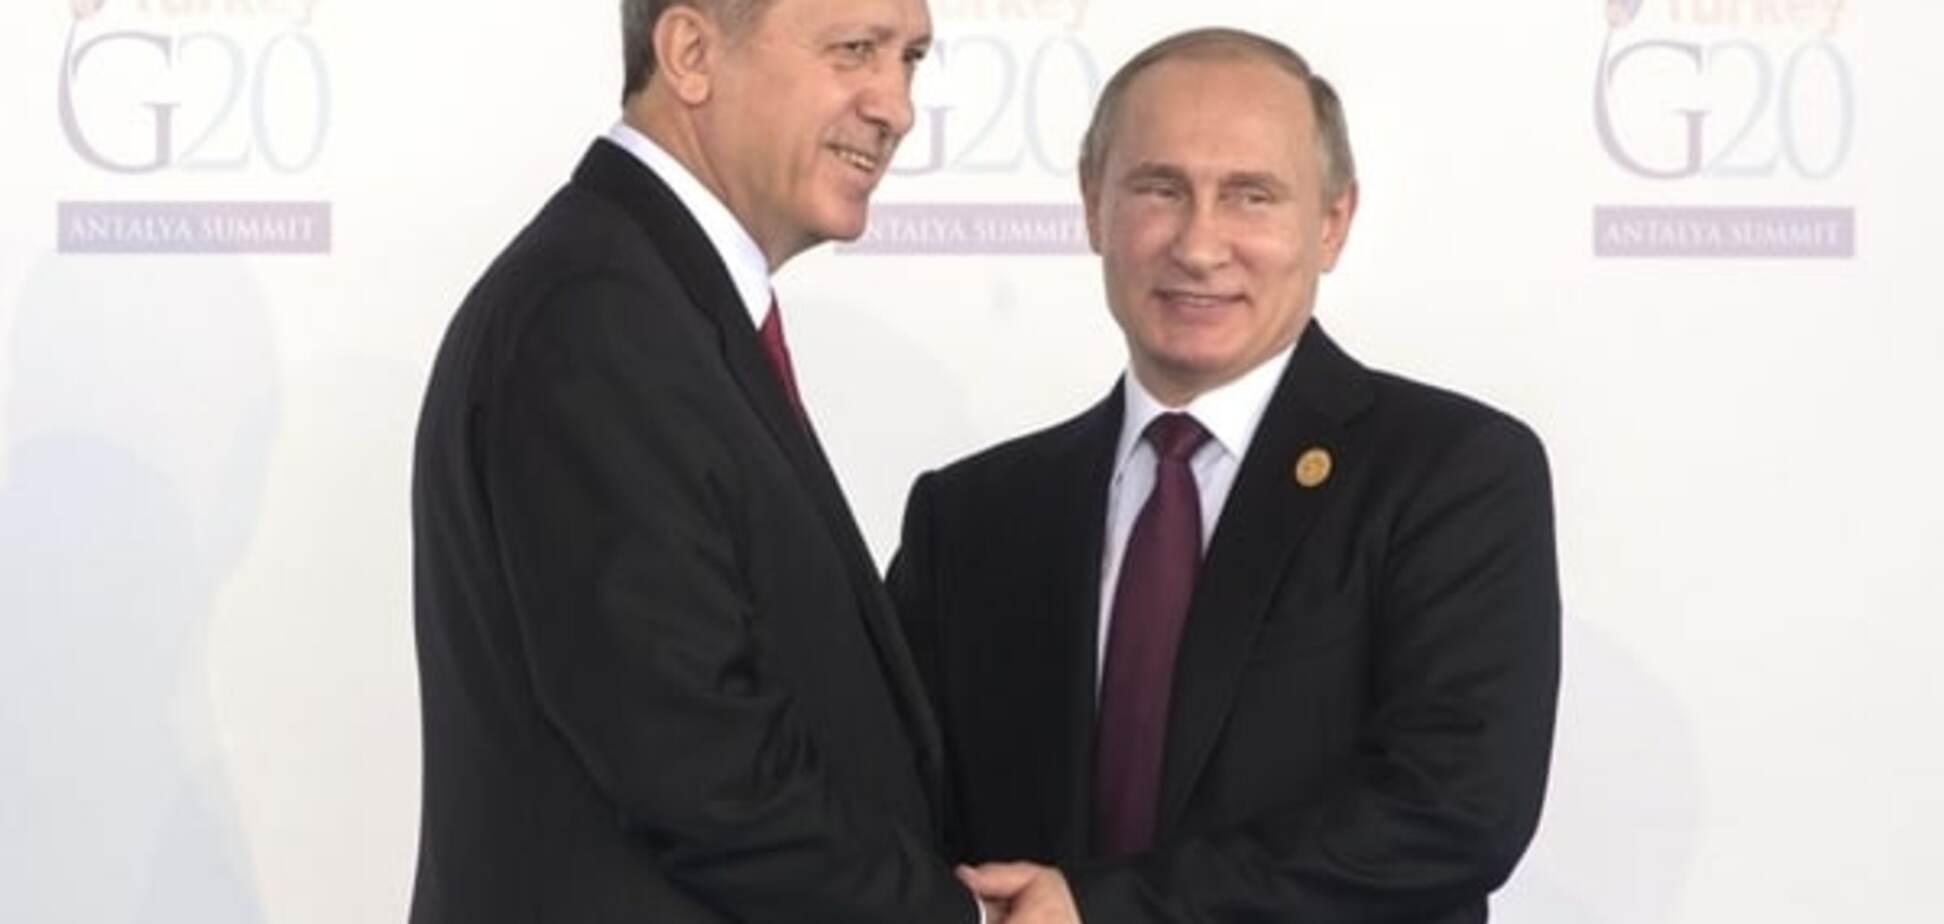 Как вытащить 'турецкий нож' из спины?